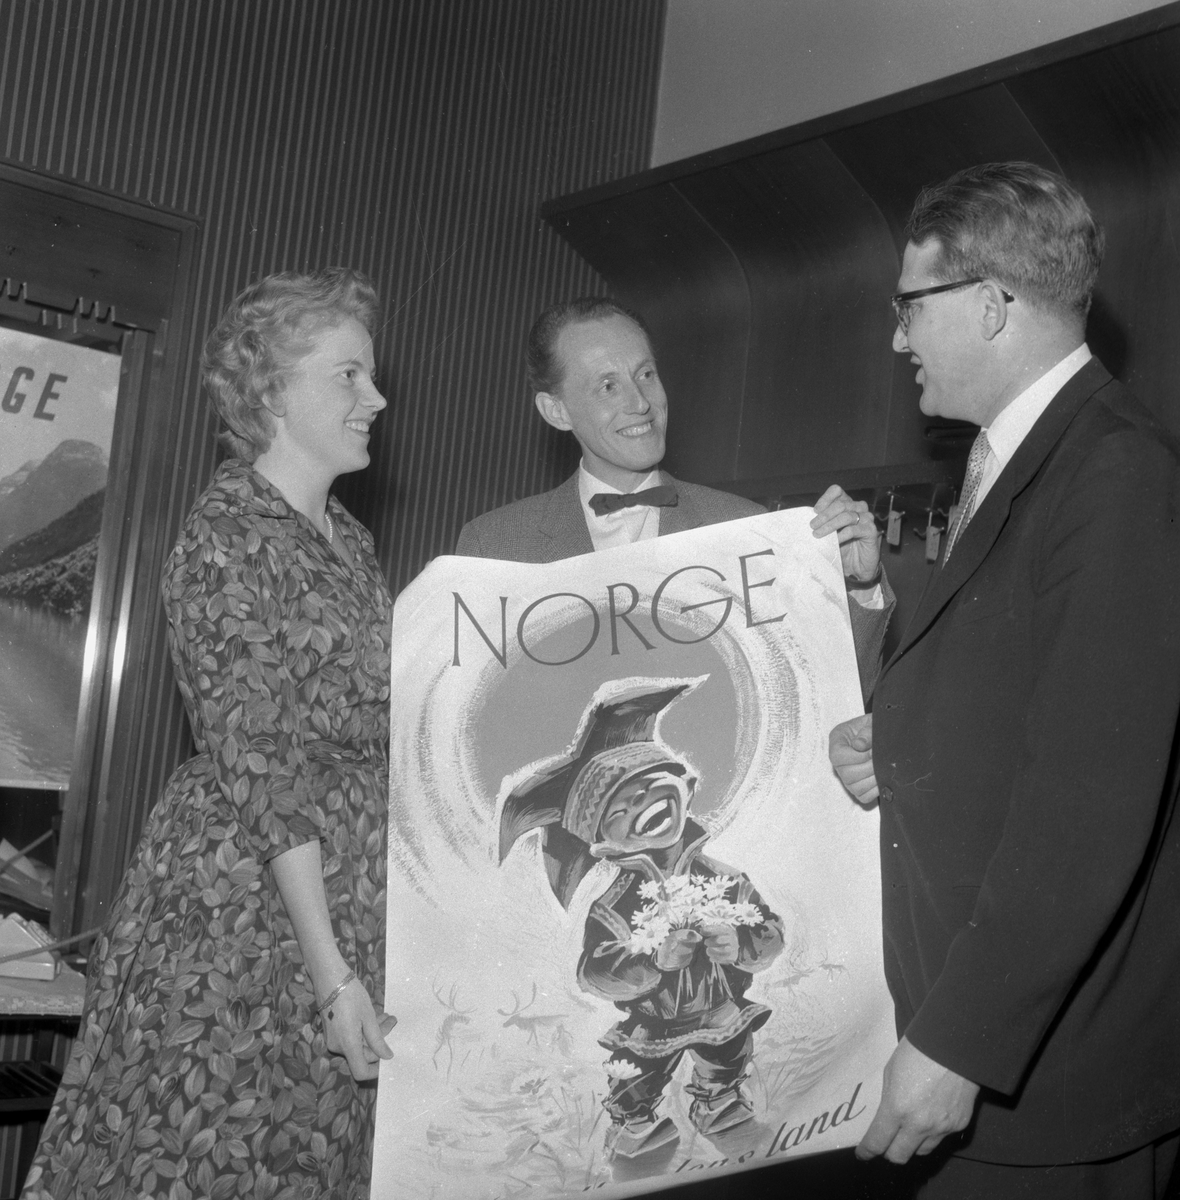 Norgeaffisch. 28 april 1959.